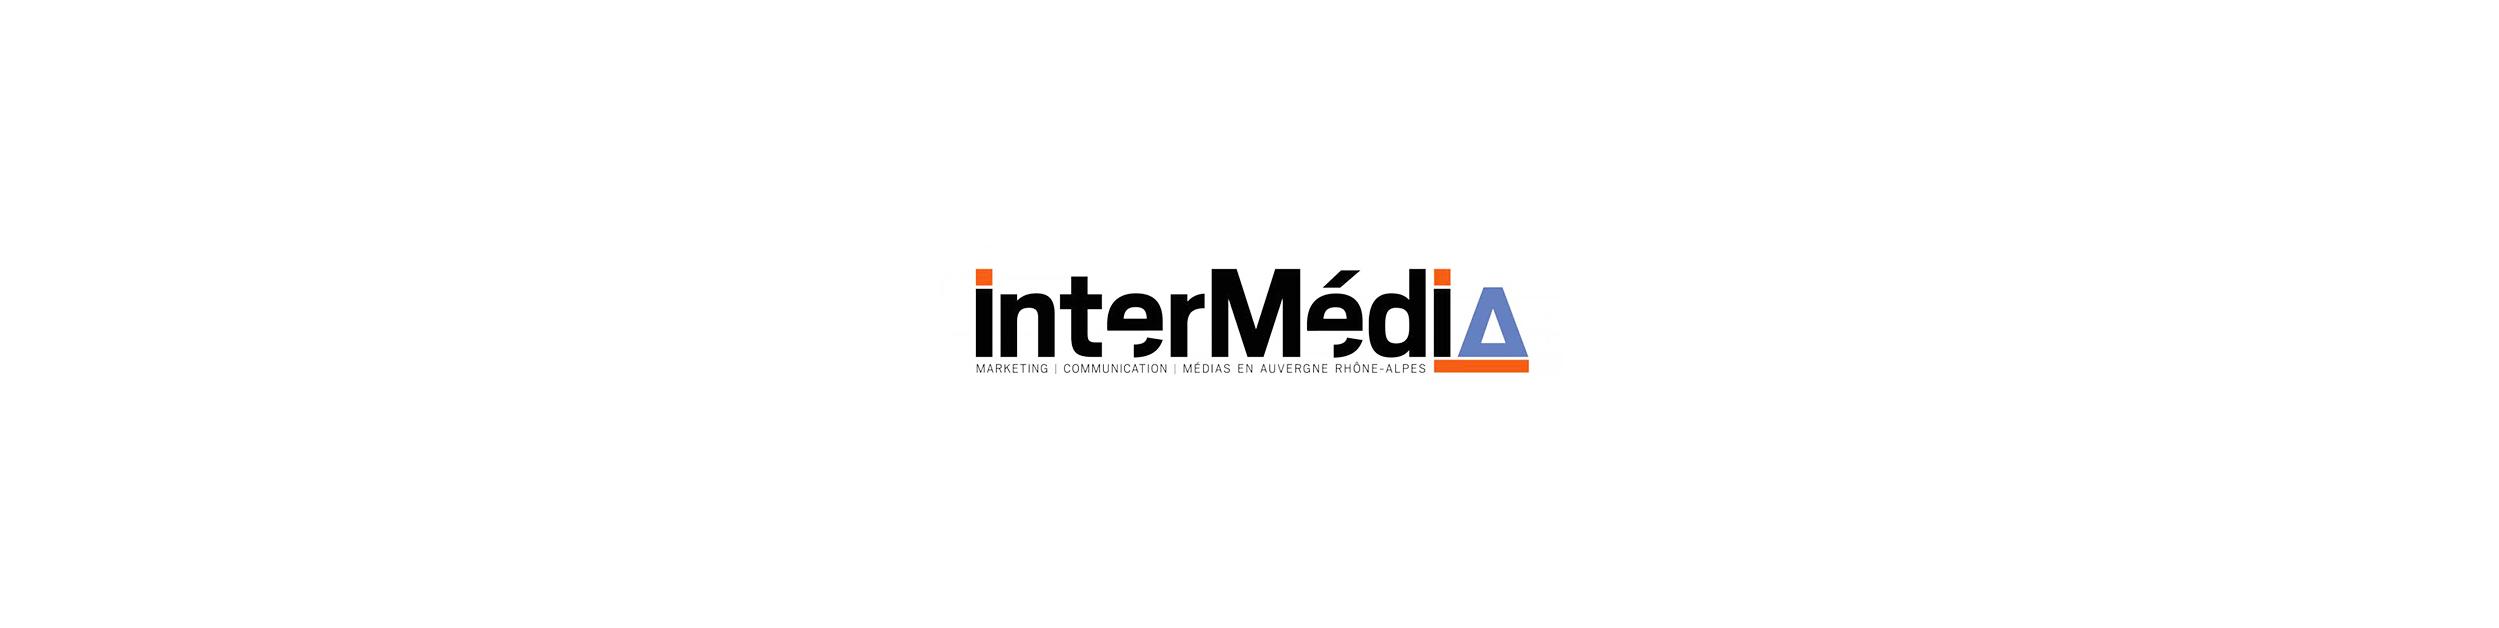 https://www.agence-ultramedia.com/